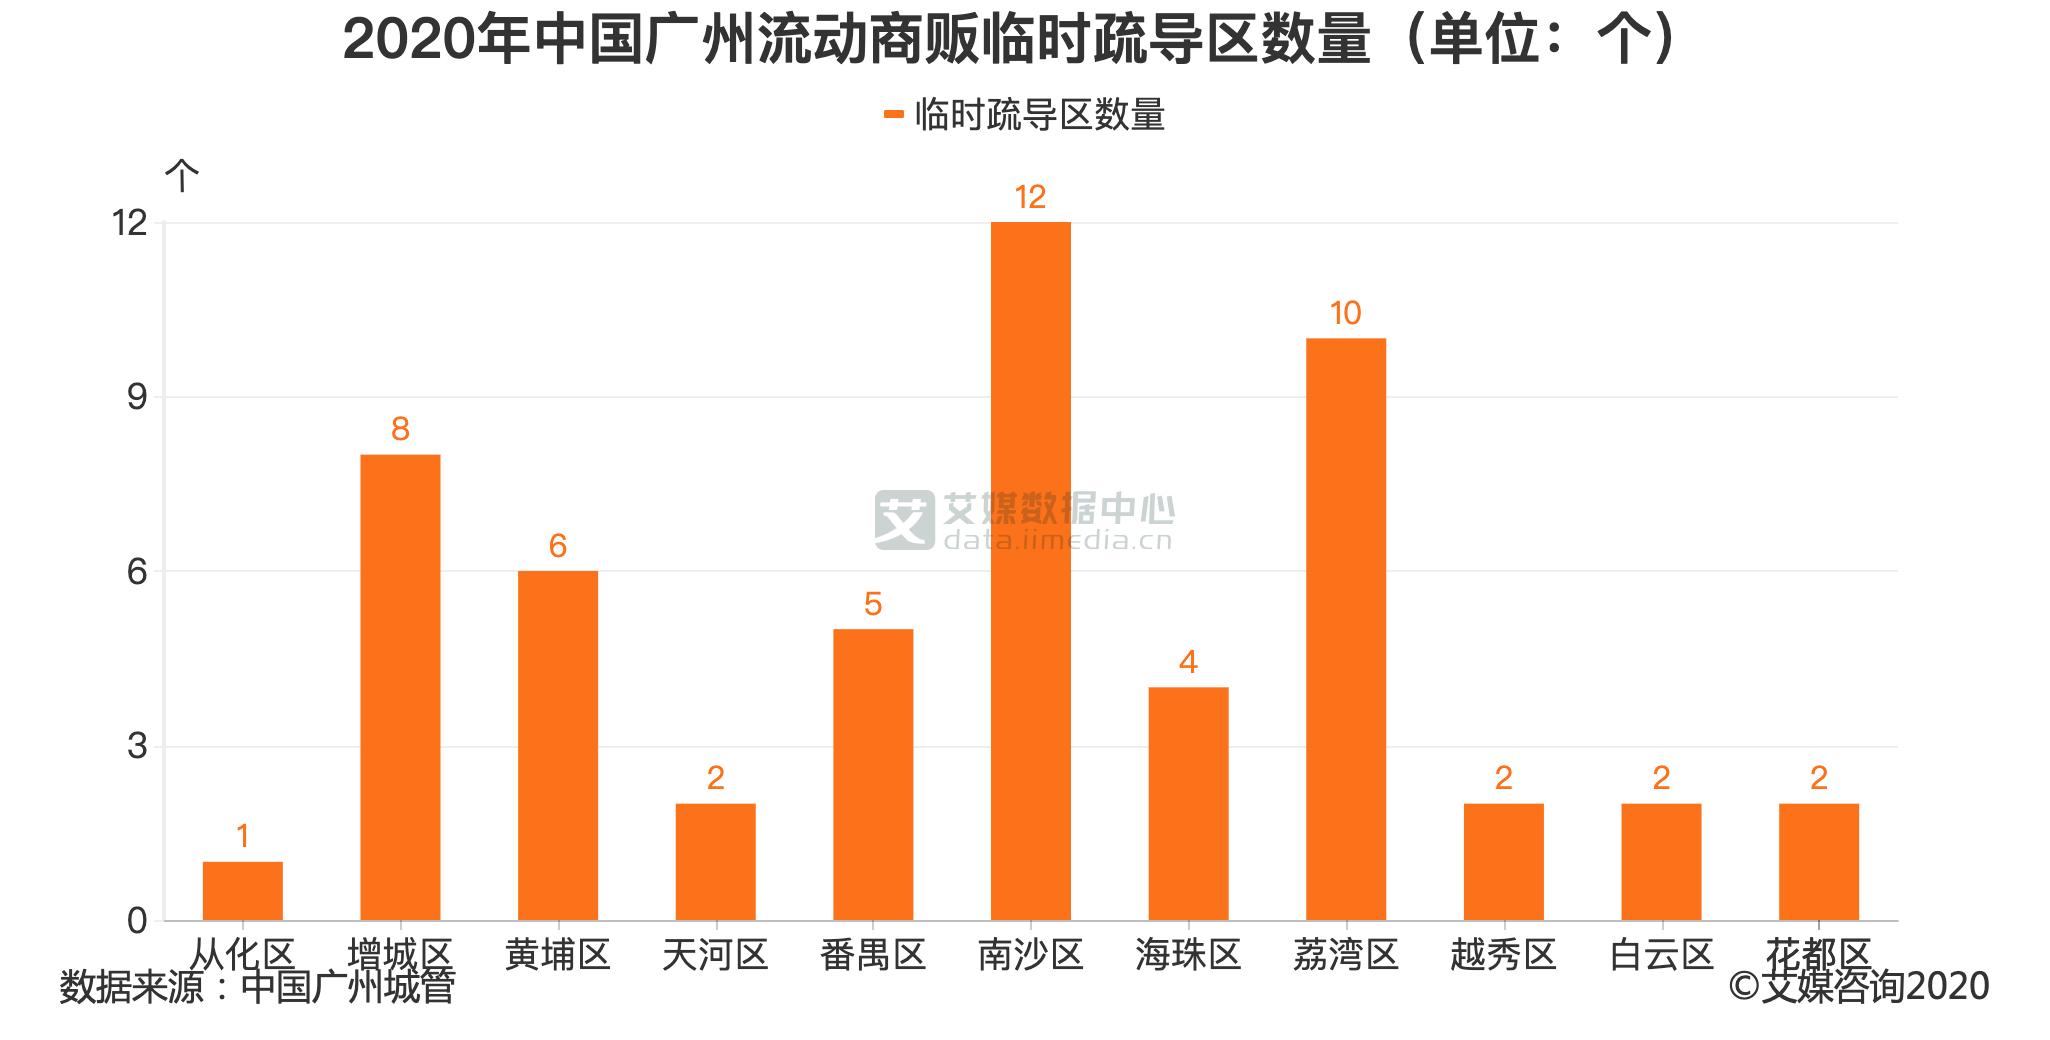 2020年中国广州流动商贩临时疏导区数量(单位:个)